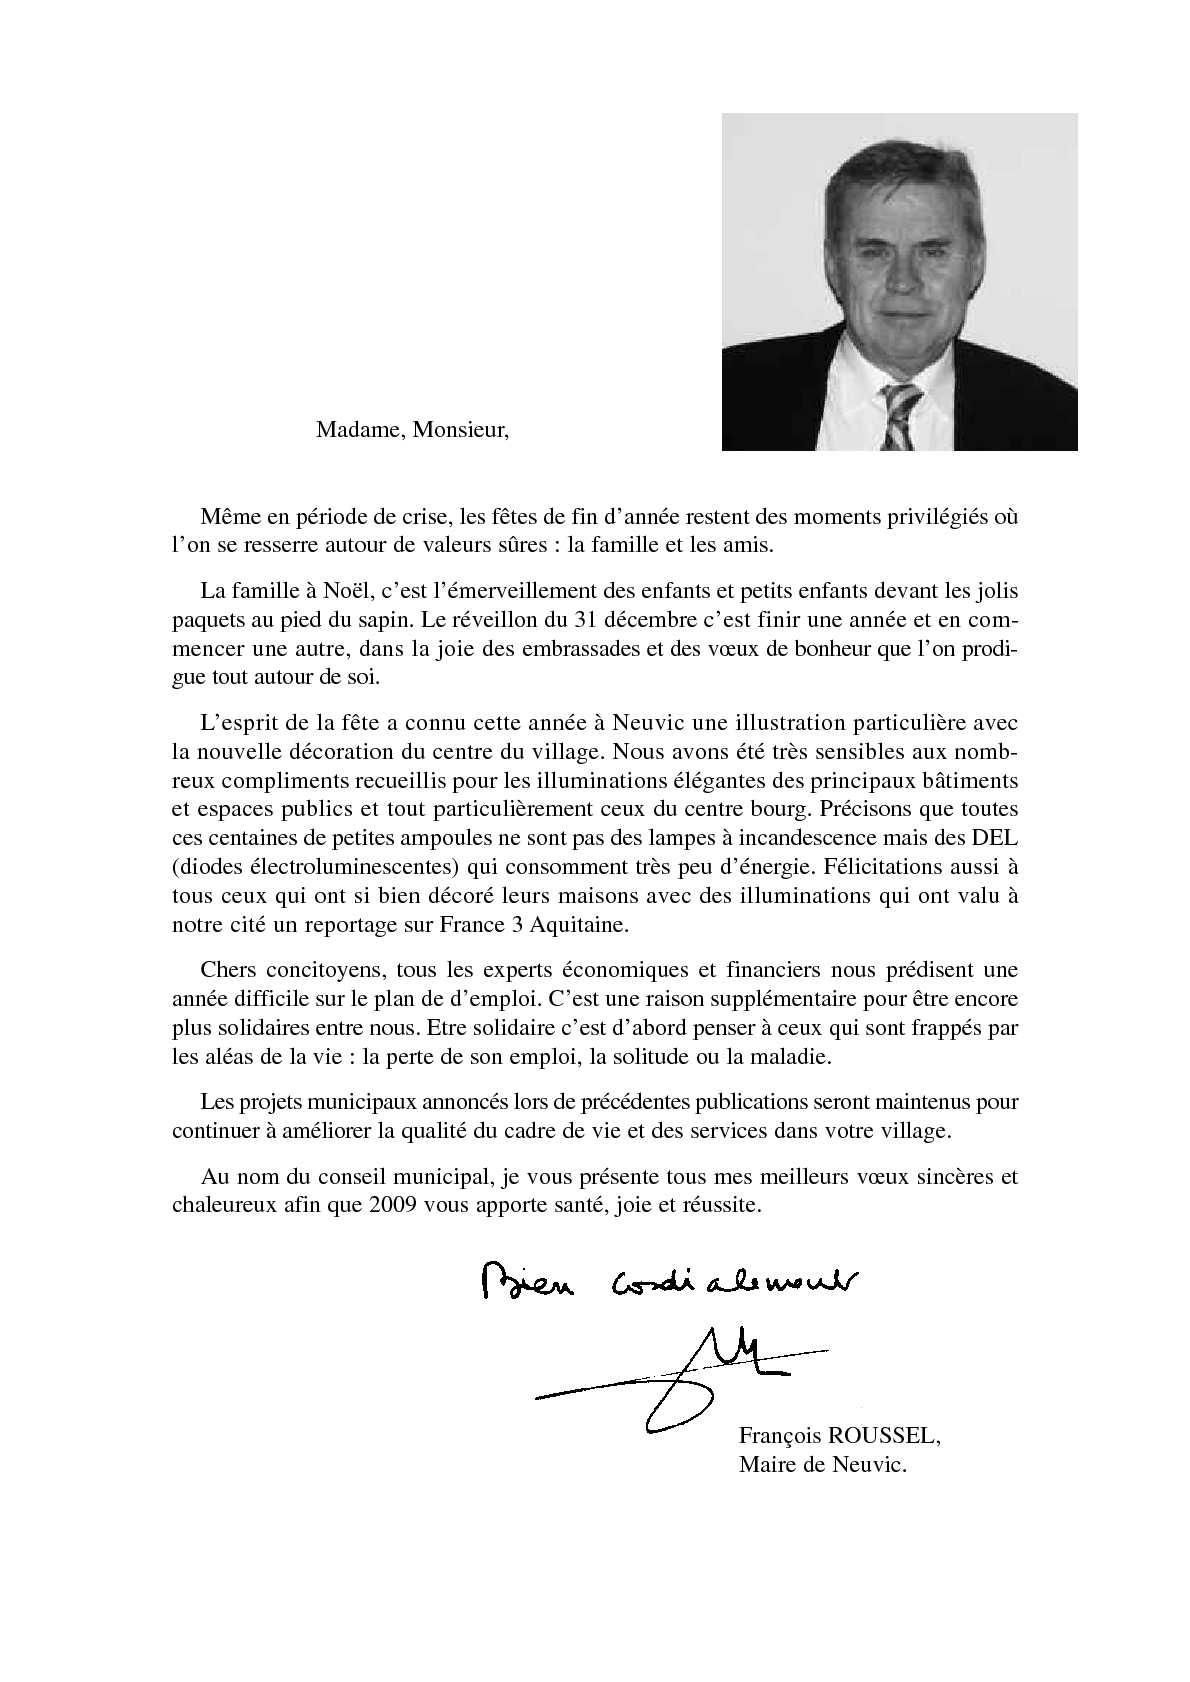 e9c1bc22fa1b43 Calaméo - Bulletin municipal Neuvic 2009